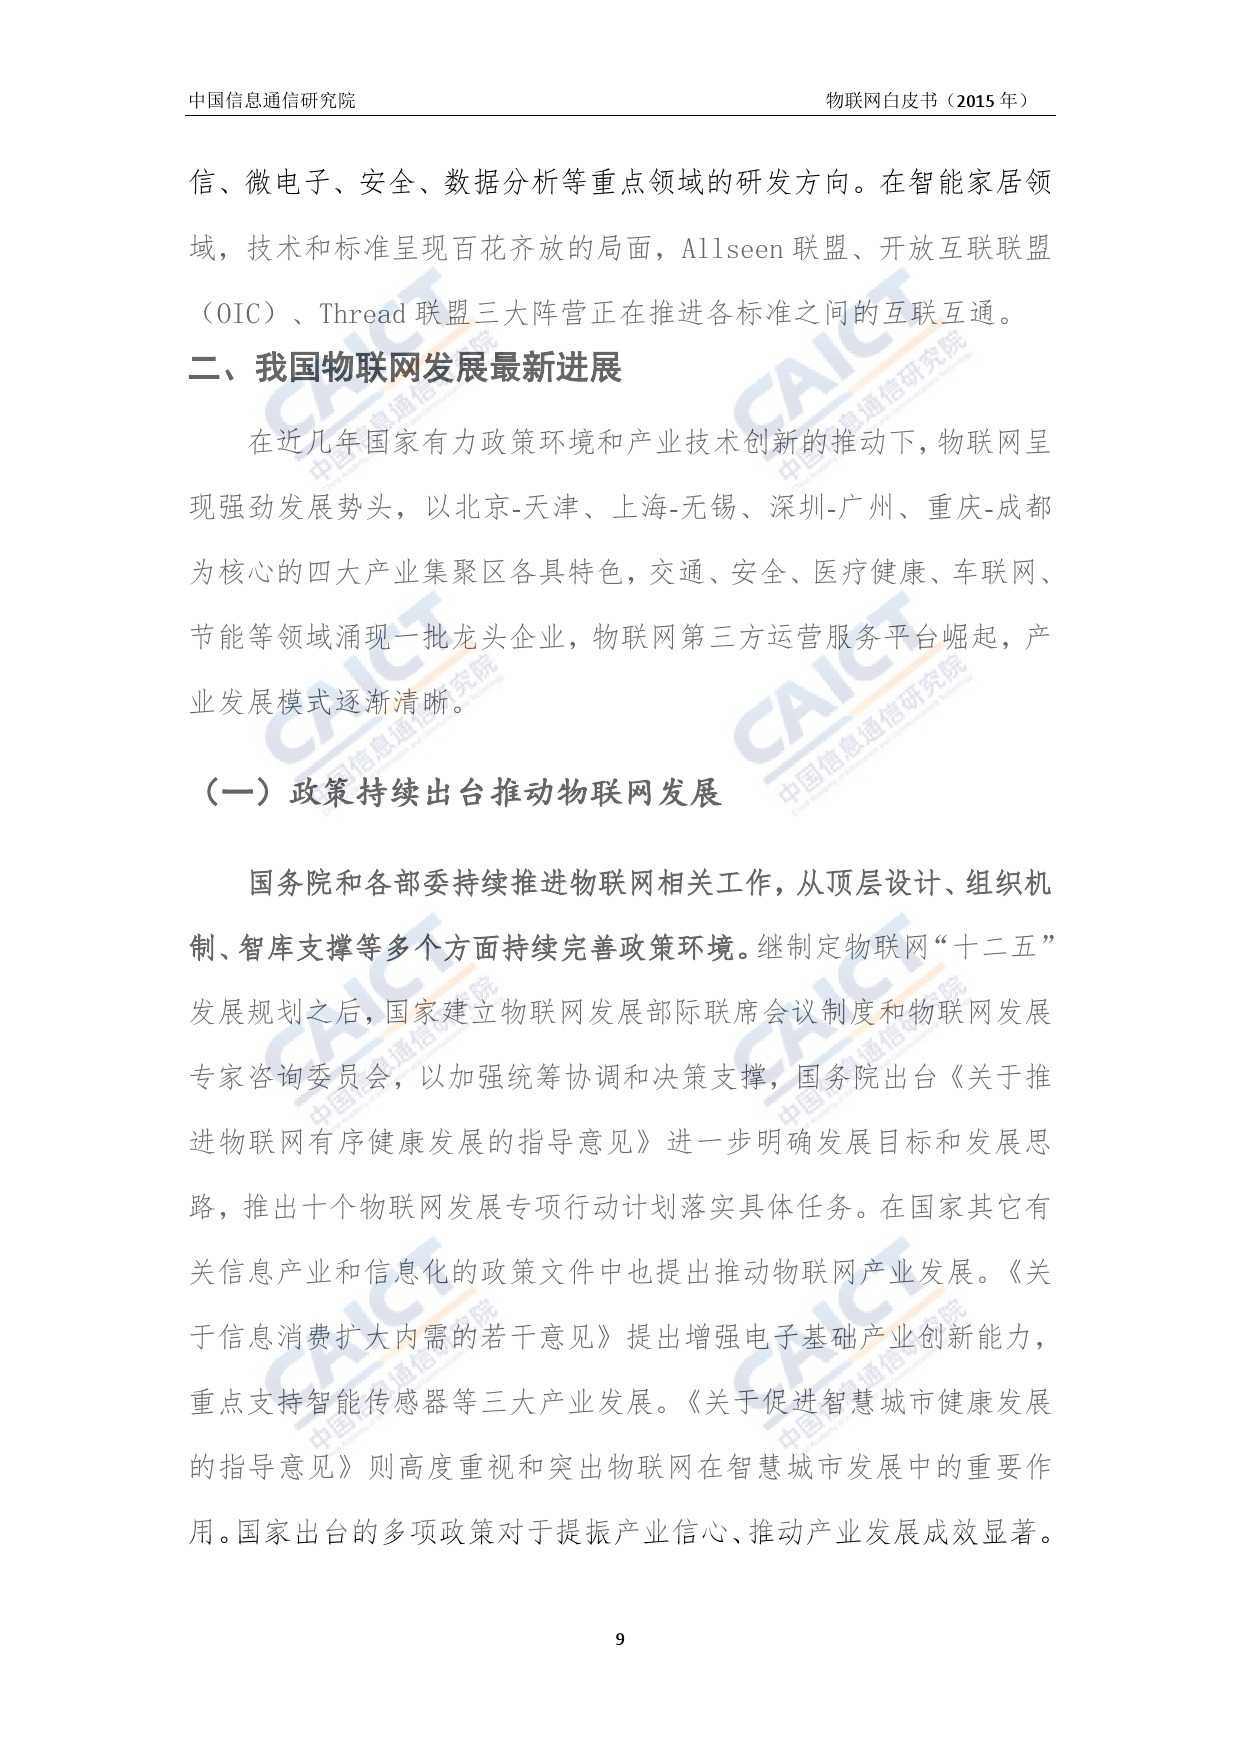 中国信息通信研究院:2015年物联网白皮书_000013